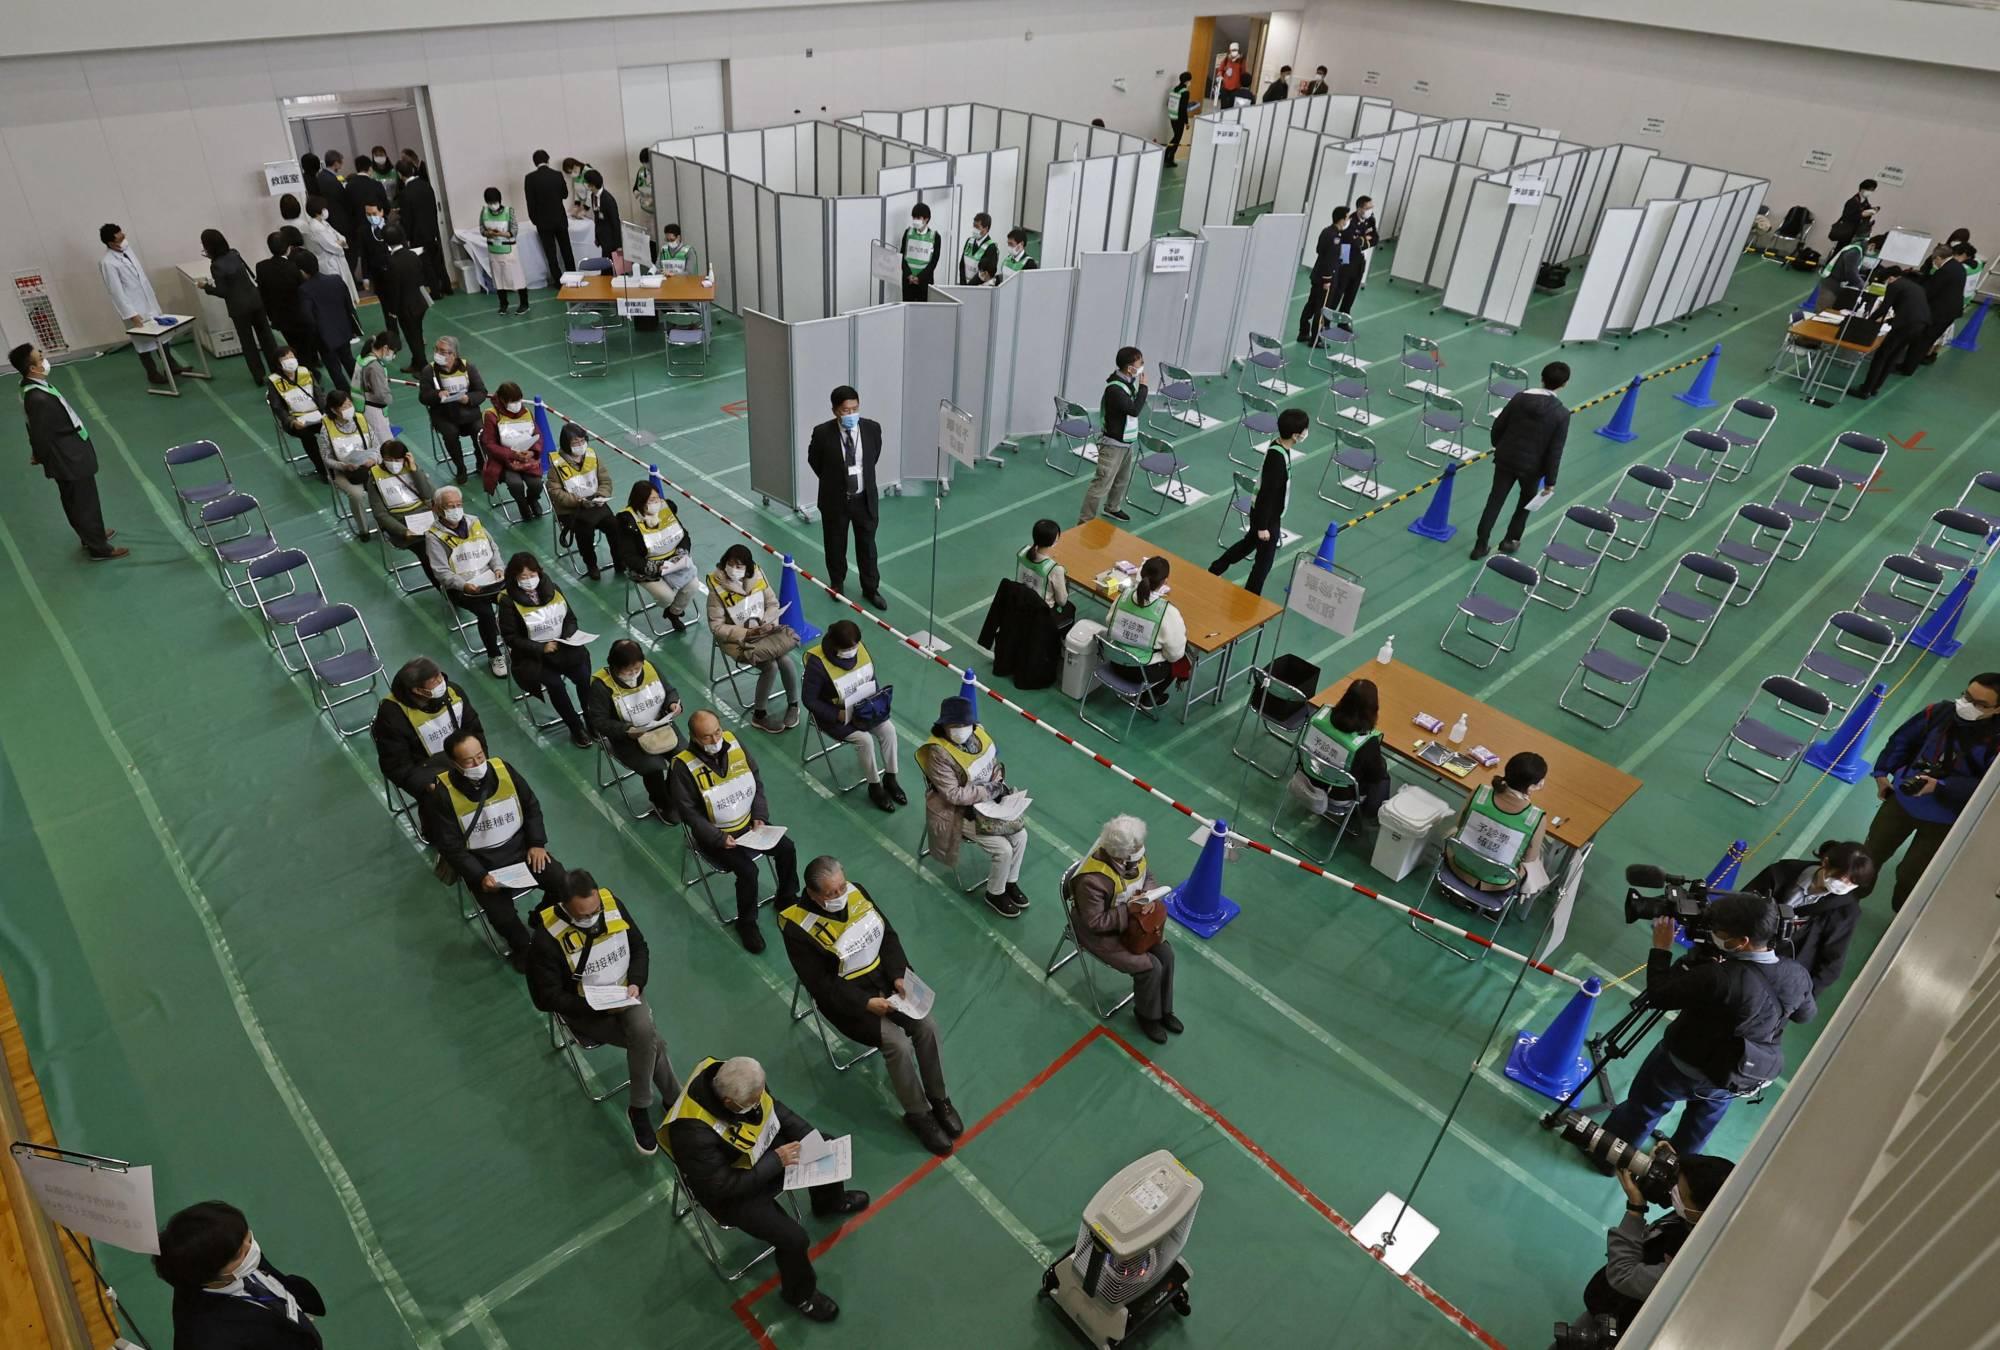 टोकियो र ओसाकामा एकसाथ धेरै व्यक्तिले खोप लगाउन सक्ने ठूला खोप केन्द्र खोलिंदै